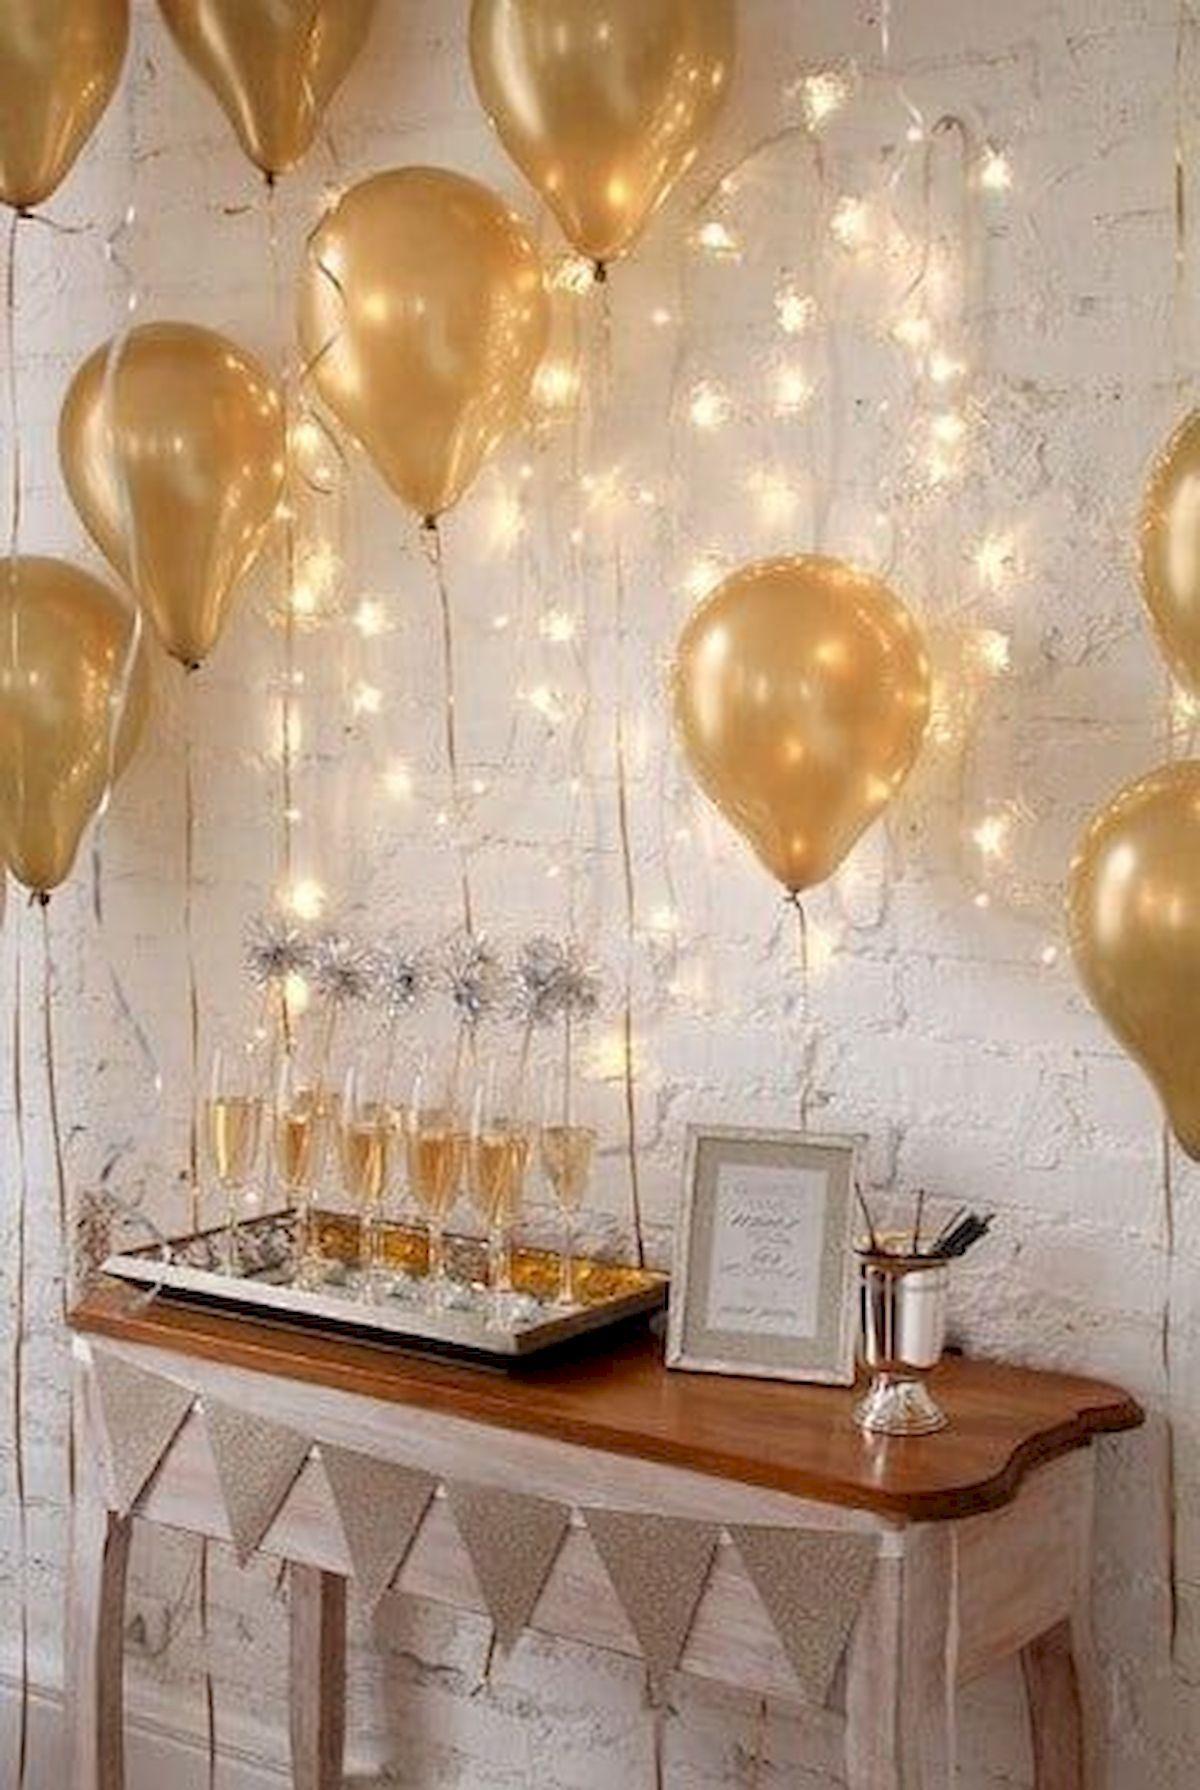 th birthday party new years eve classy gold also angenehmige bilder und videos zu ano novo rh pinterest